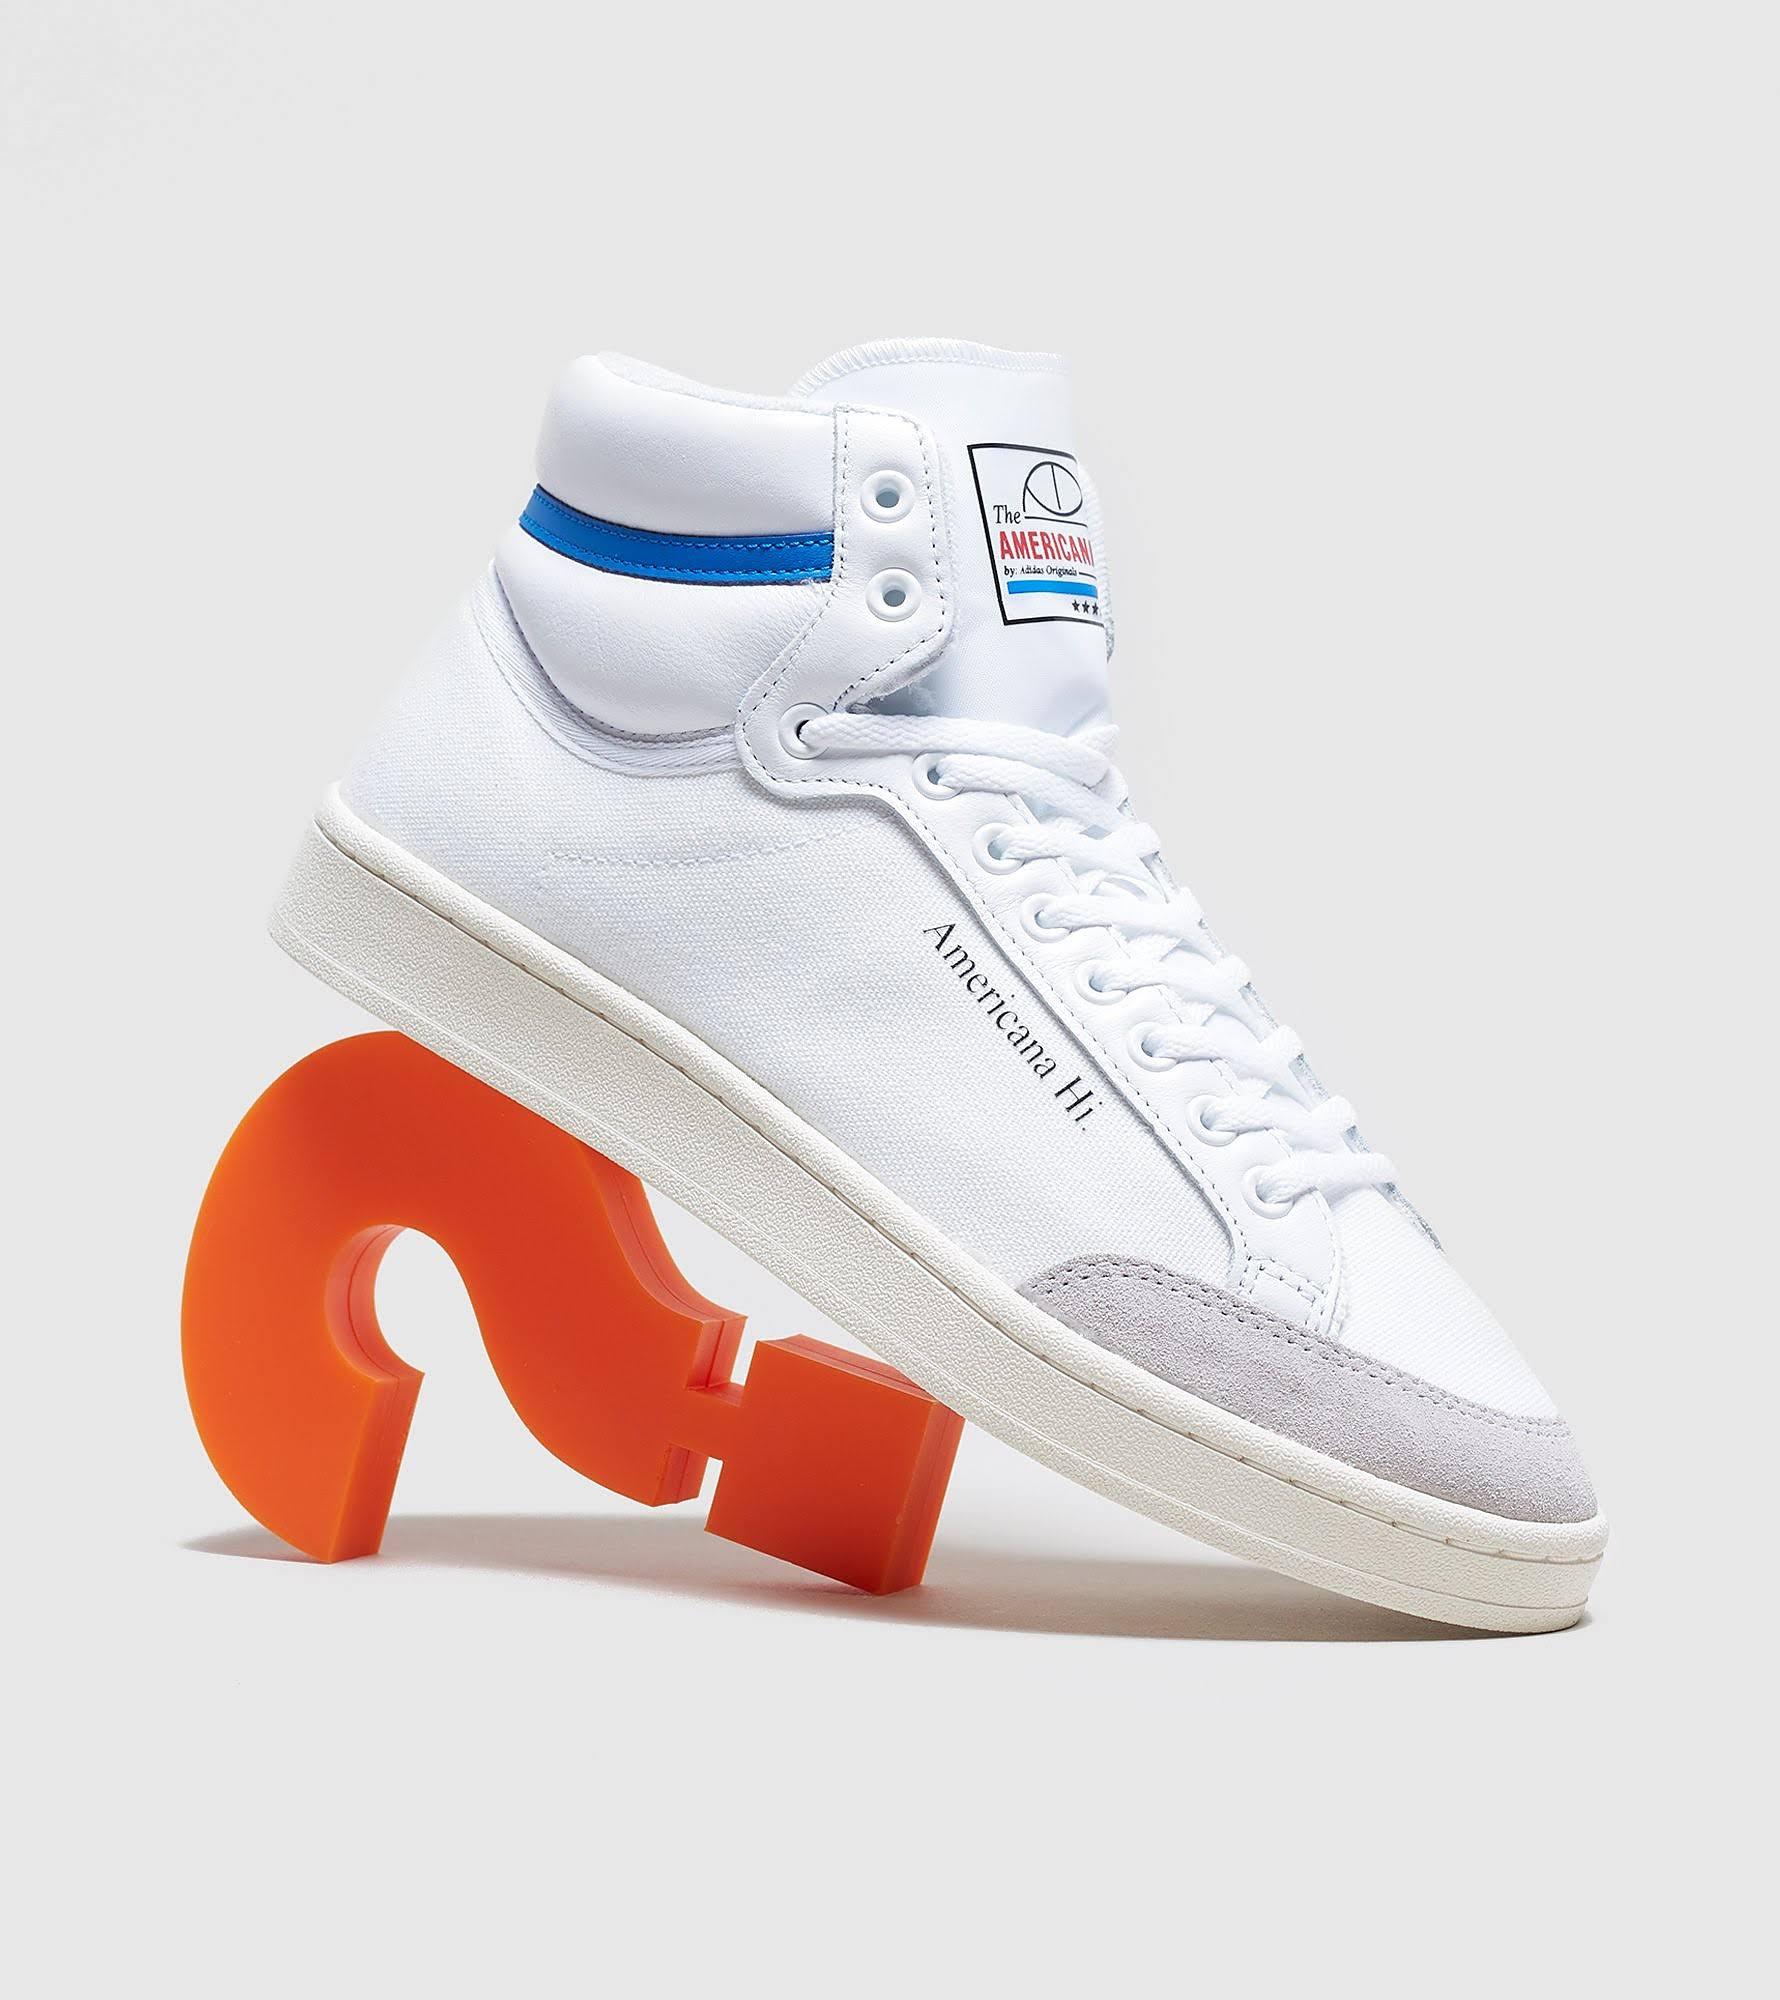 Mens Adidas Originals Americana Hi - White/Blue - 8.5